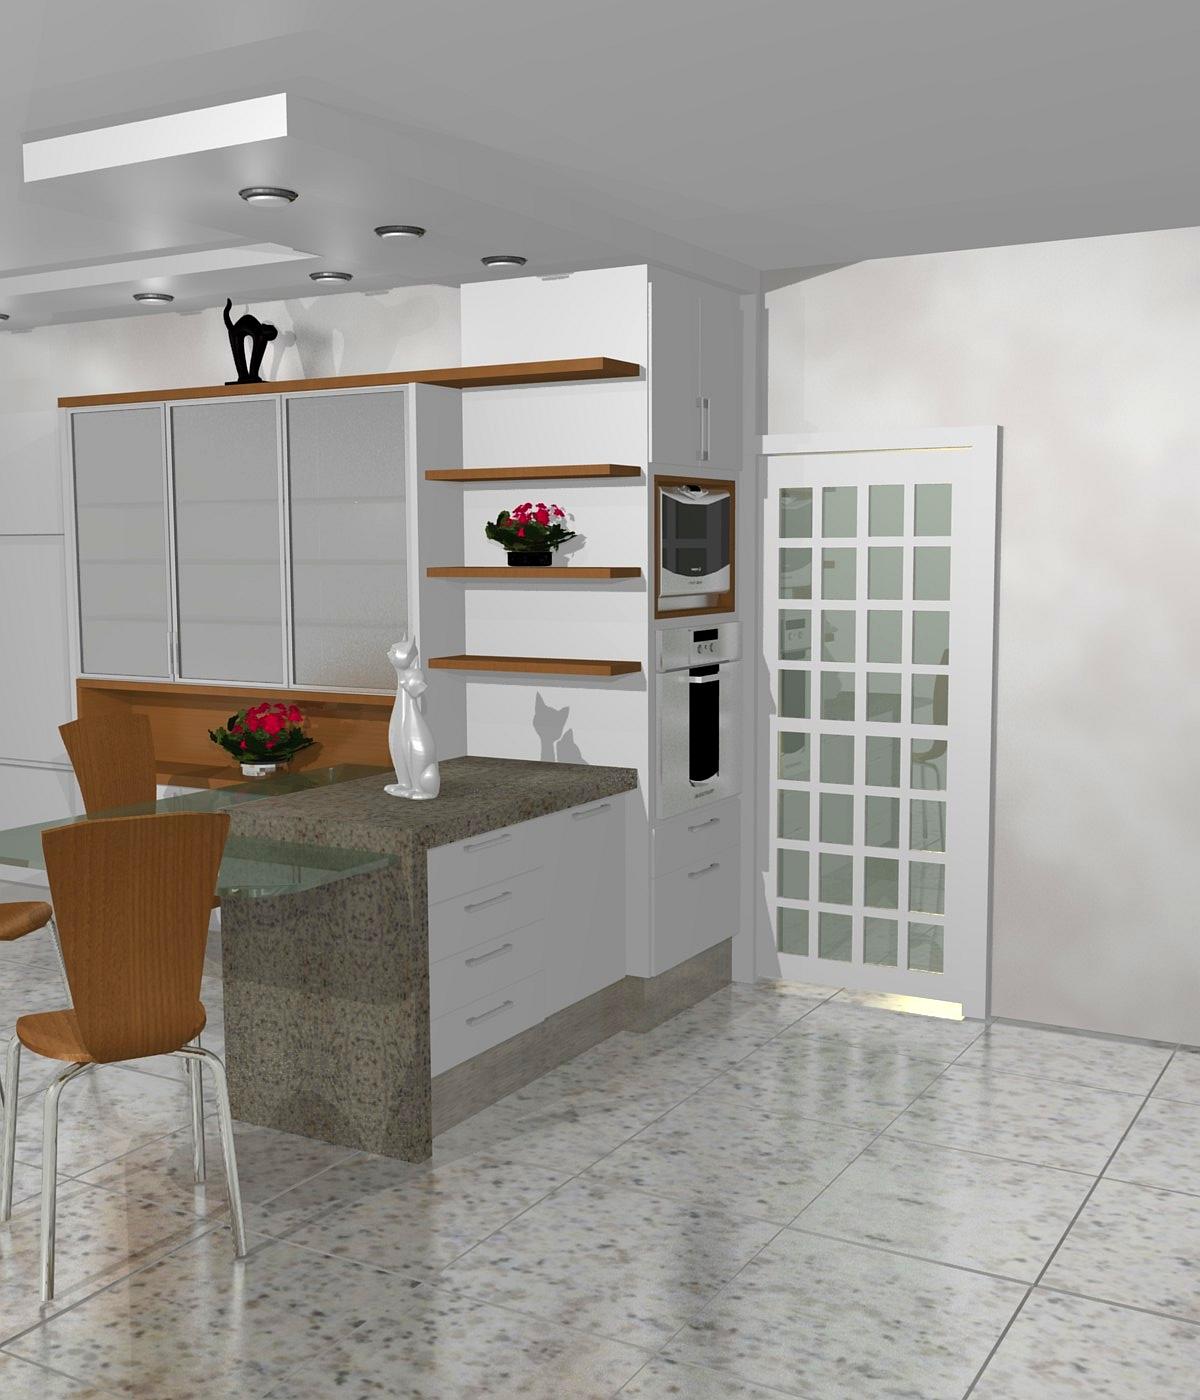 CASACOR NOIVAS PAINEL LACA ARMÁRIOS PROJETOS (11) 3976 8616: cozinha  #684528 1200 1400